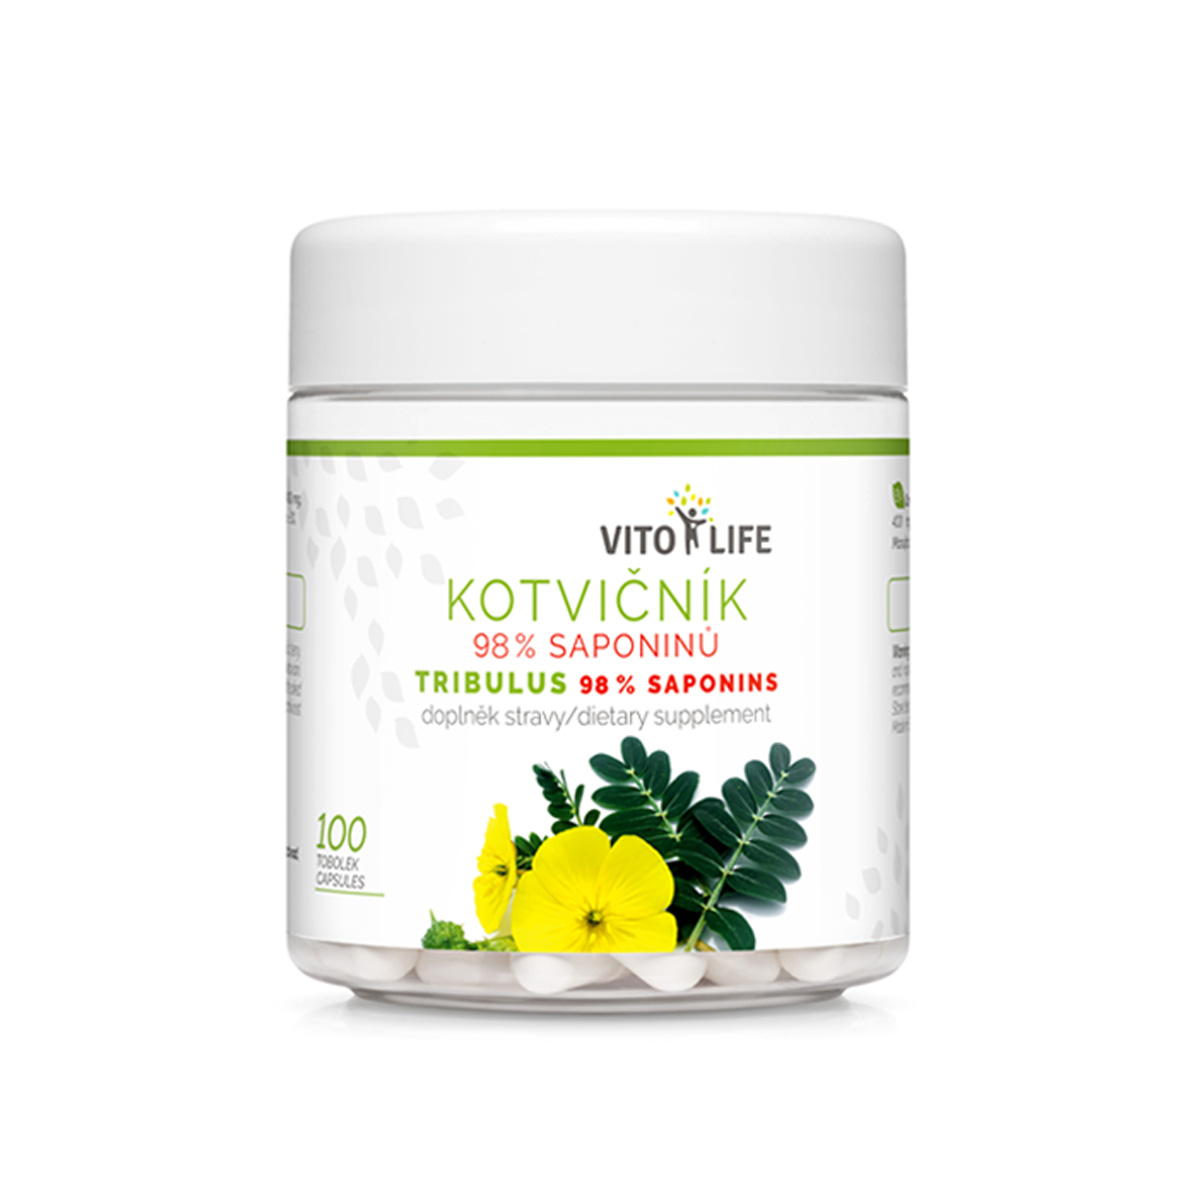 Vito Life Kotvičník (Tribulus) 98% saponinů 100 cps